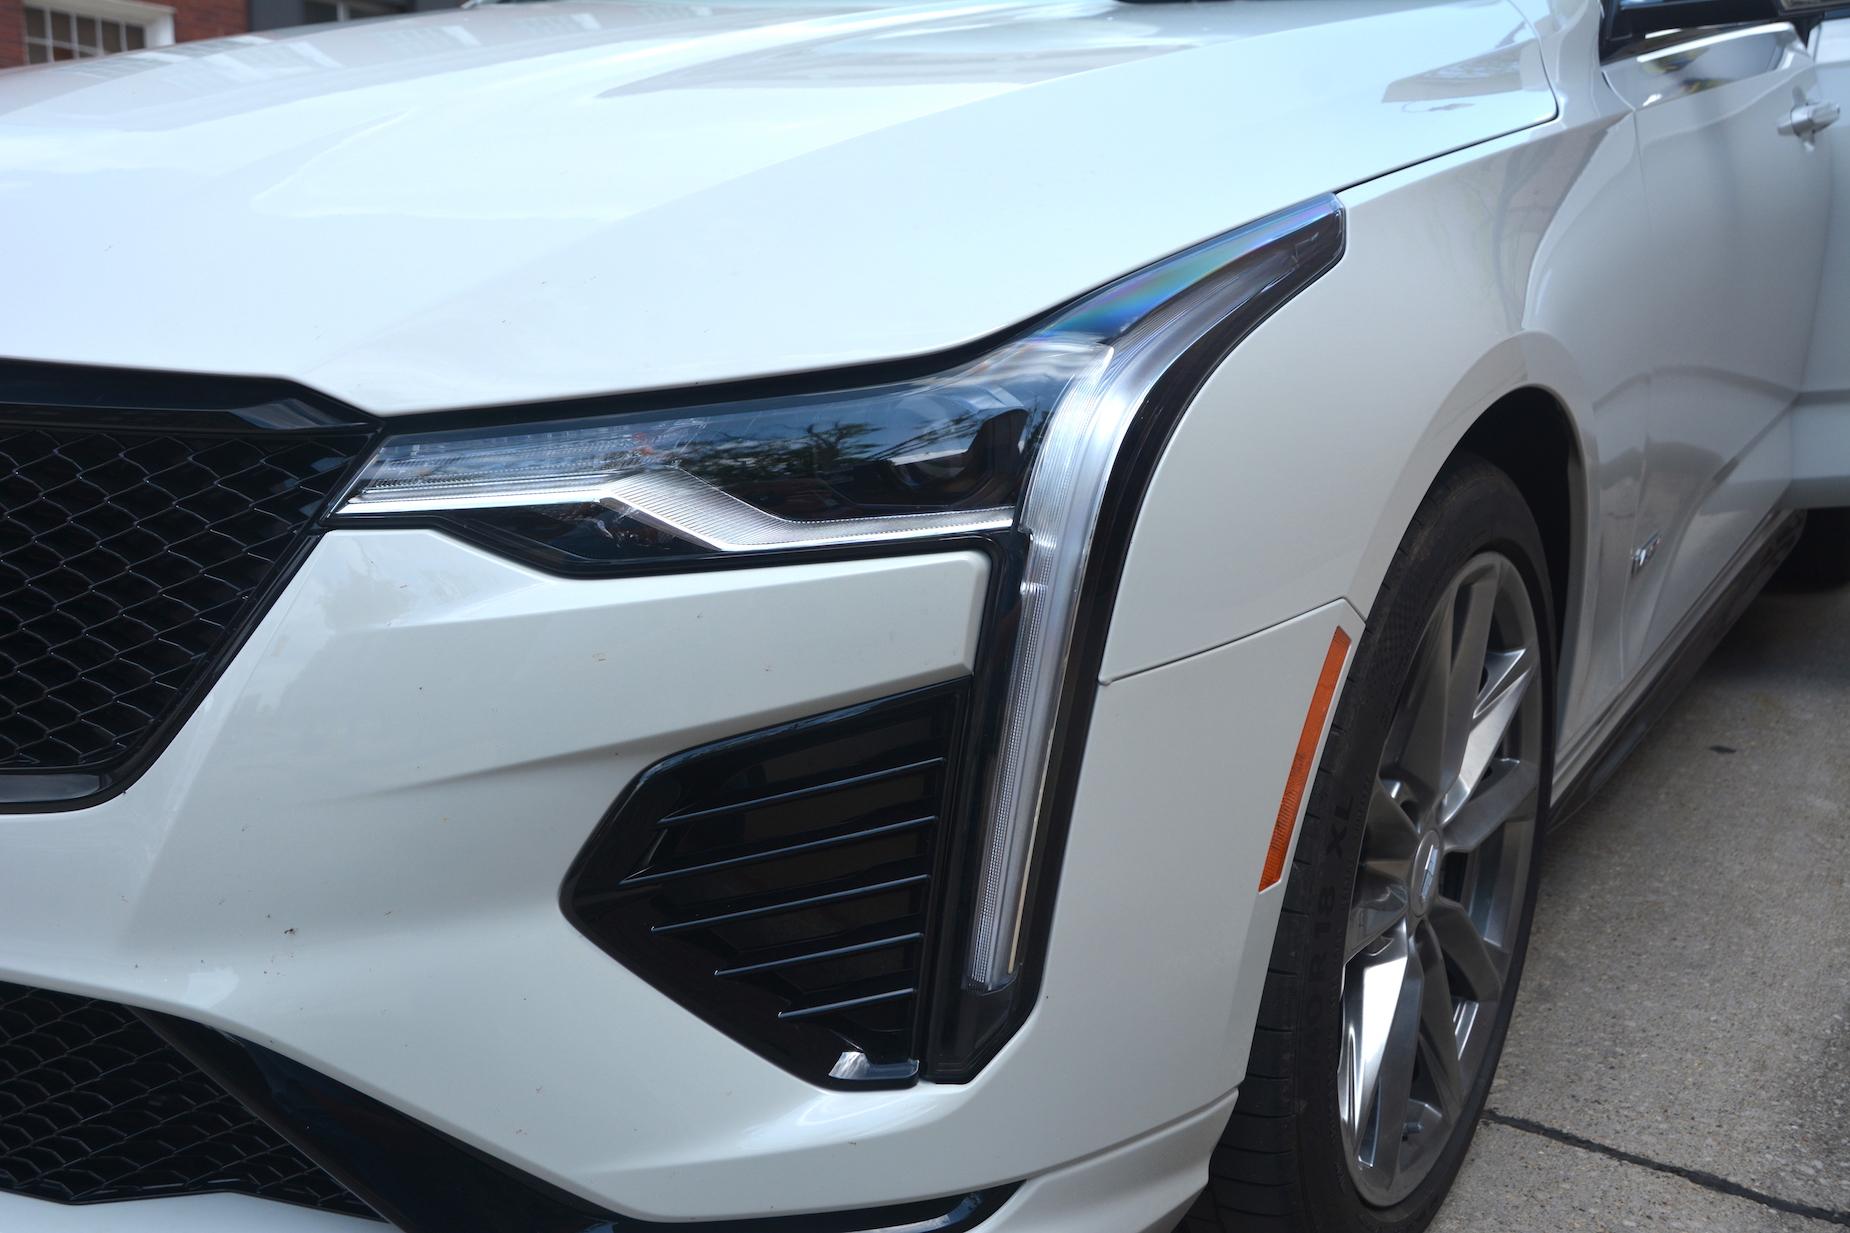 2021 Cadillac CT4-V headlights